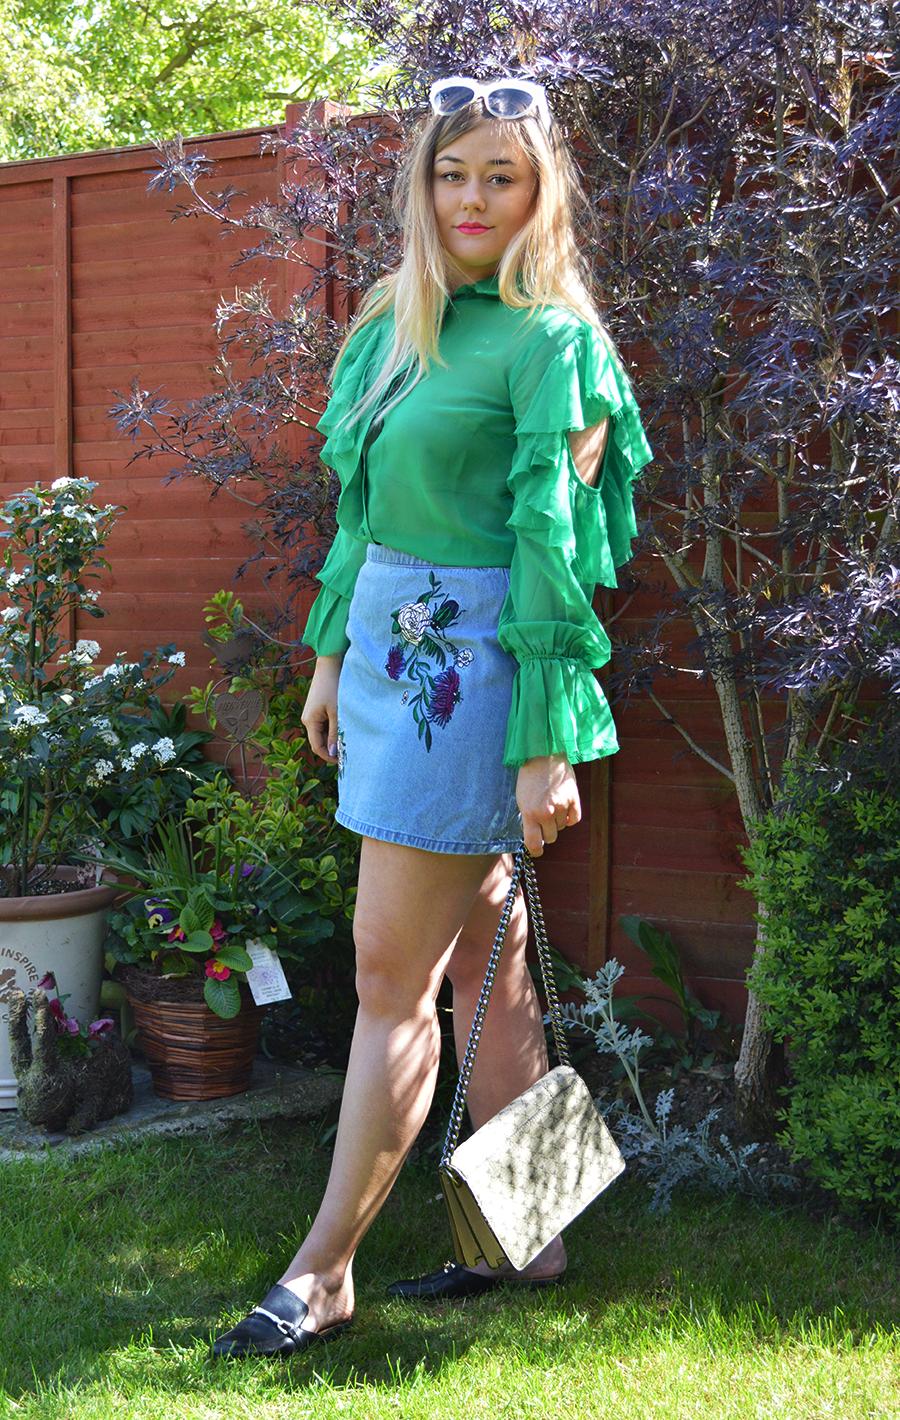 3bd6962a0ef13 Style Inspiration: GUCCI - Fashion Blog by Hannah Gladwin